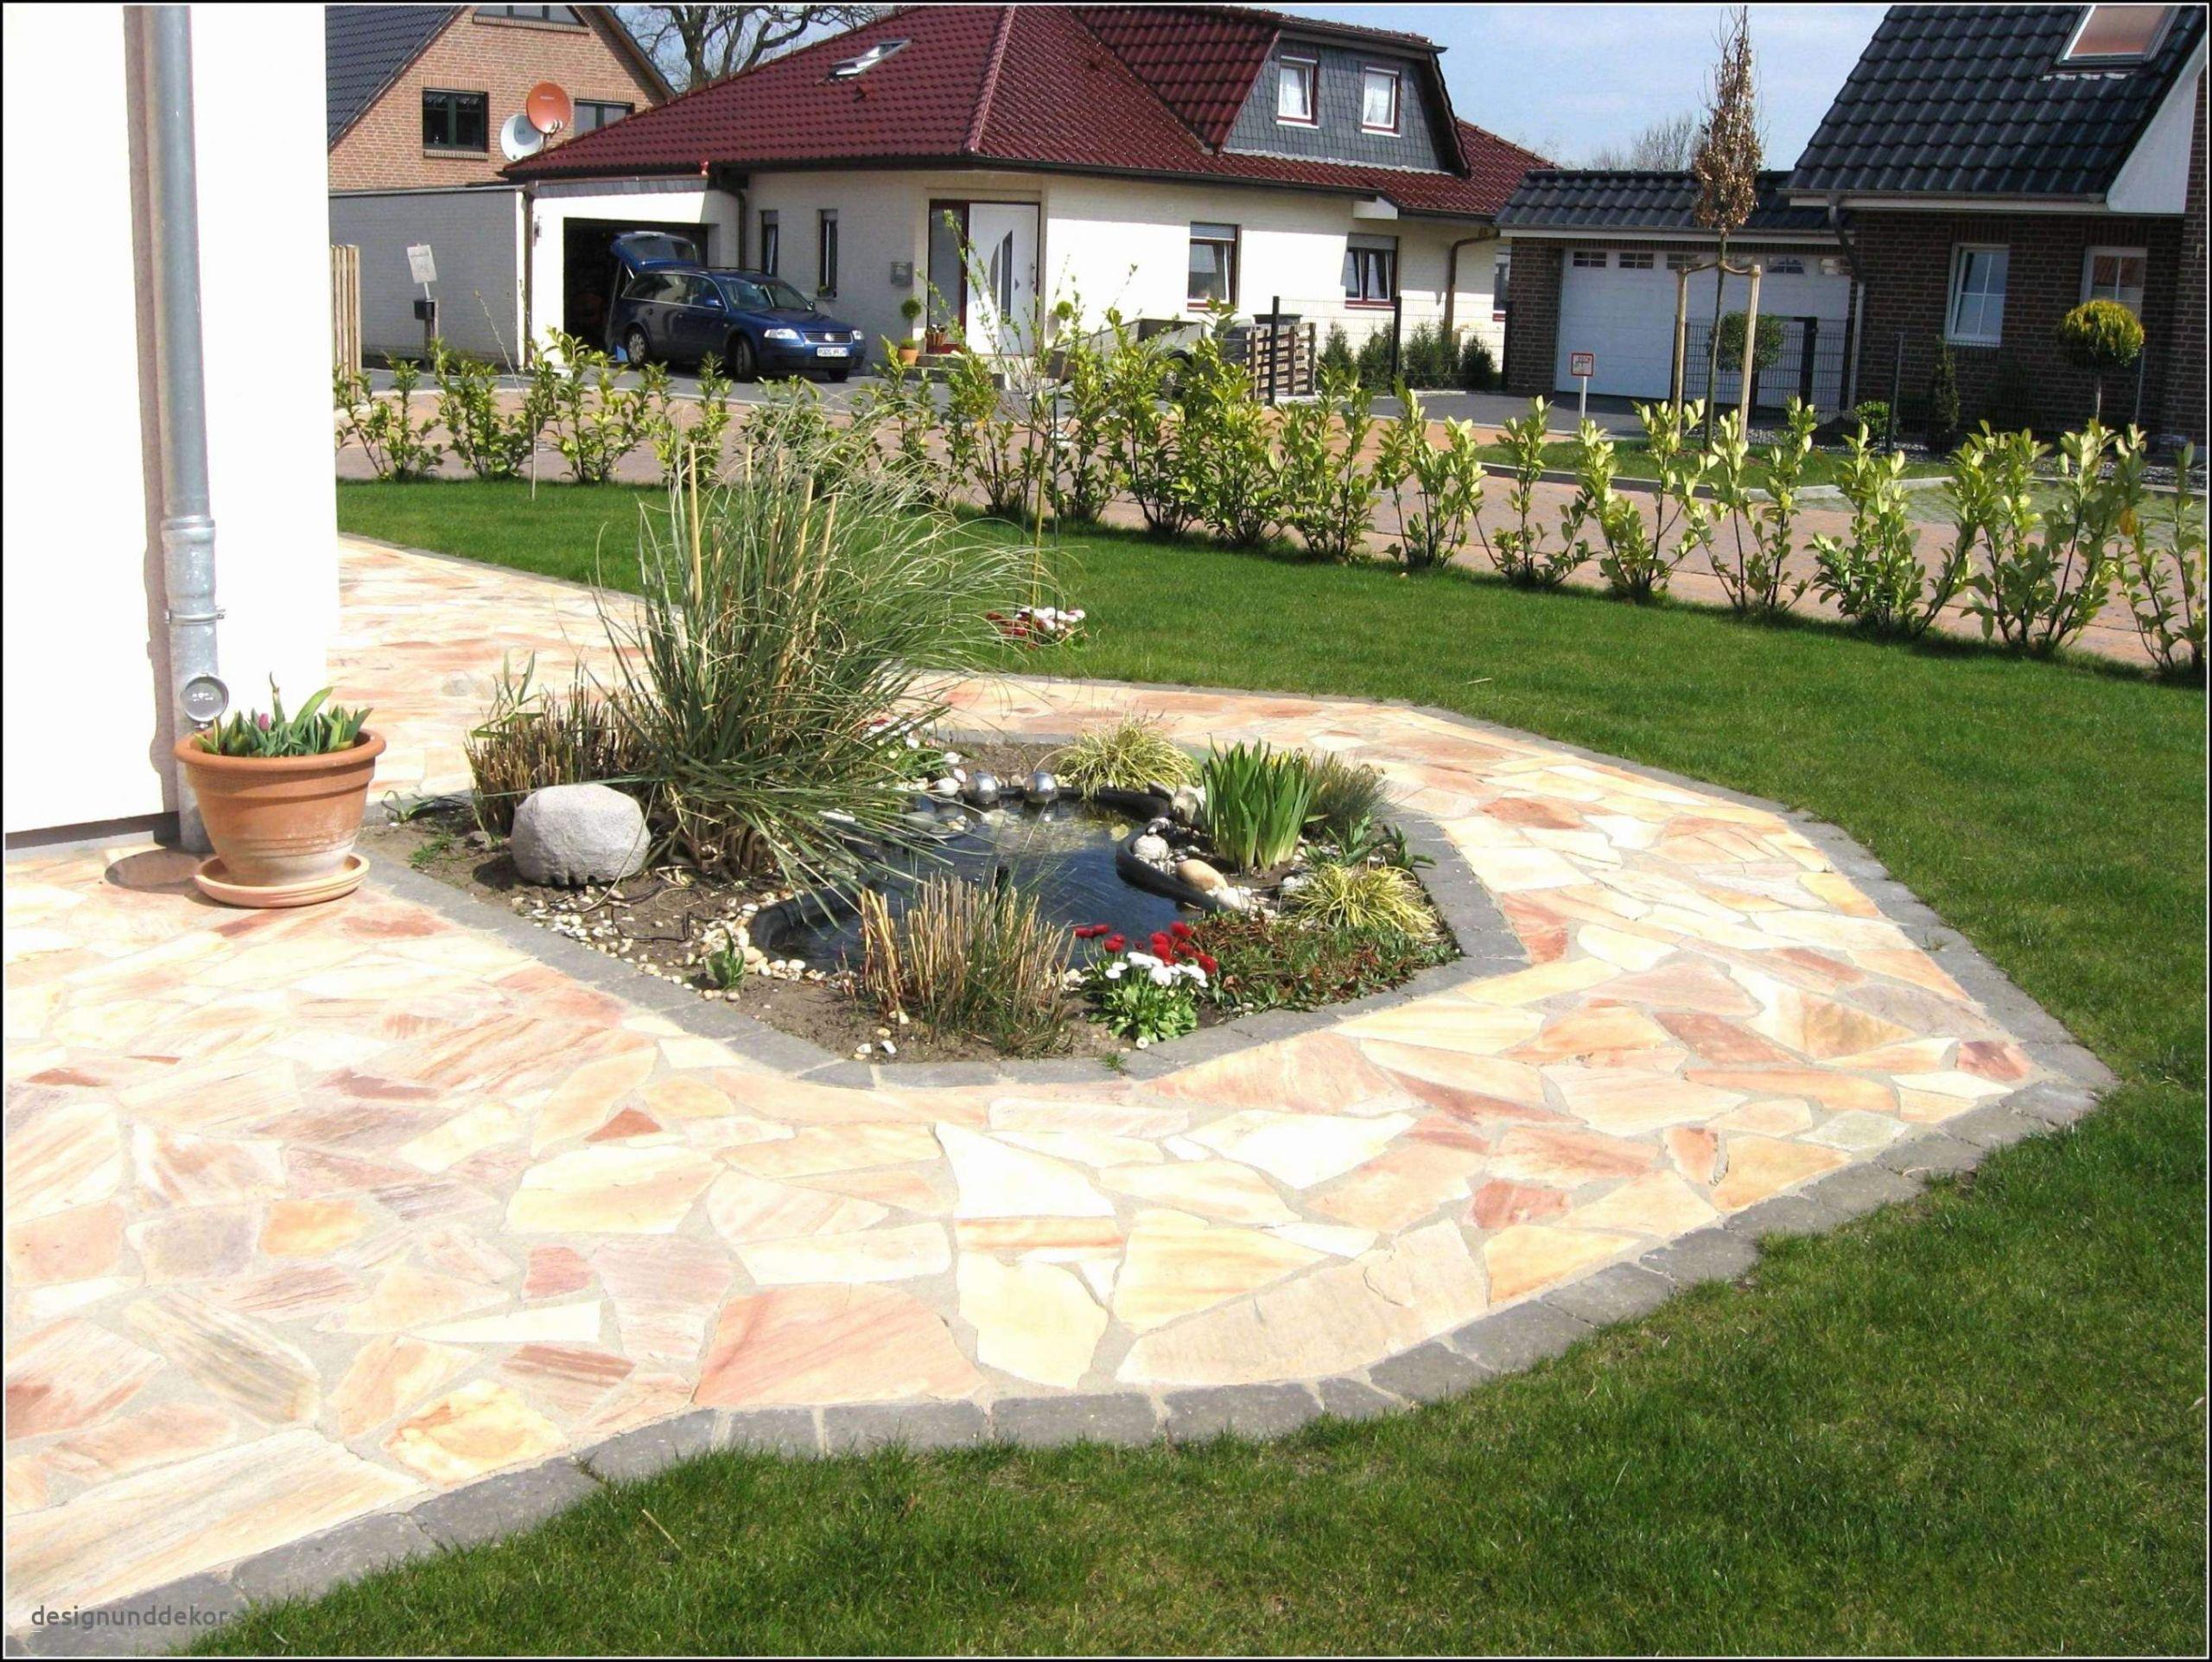 Garten Hanglage Gestaltung Bilder Genial Hang Gestalten Pflegeleicht — Temobardz Home Blog